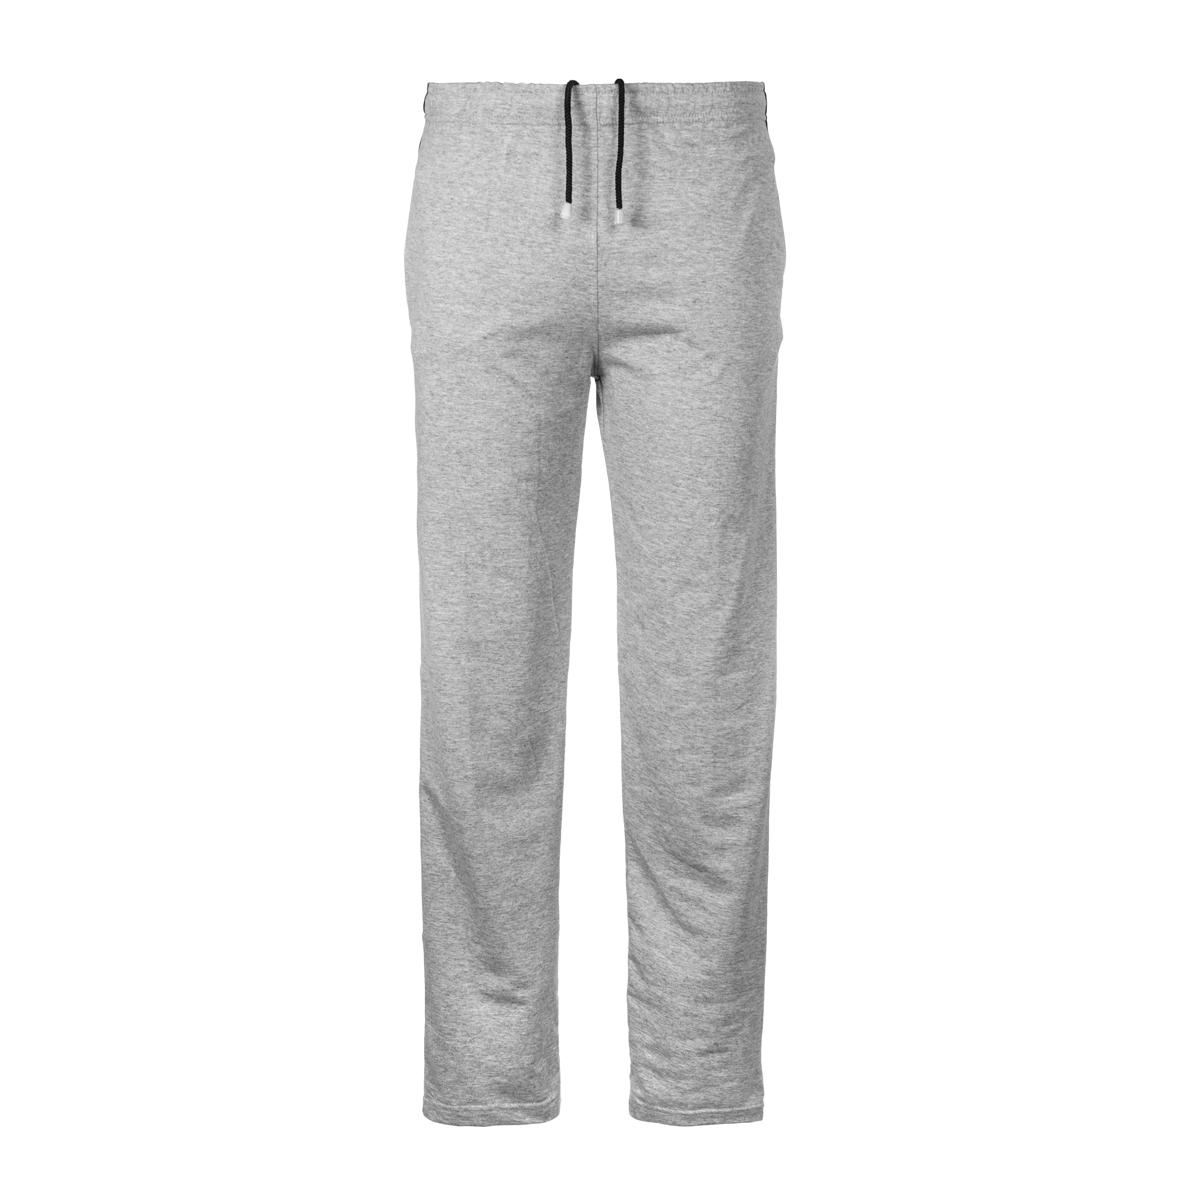 Муж. брюки арт. 04-0066 Серый р. 54 - Мужская одежда артикул: 26399